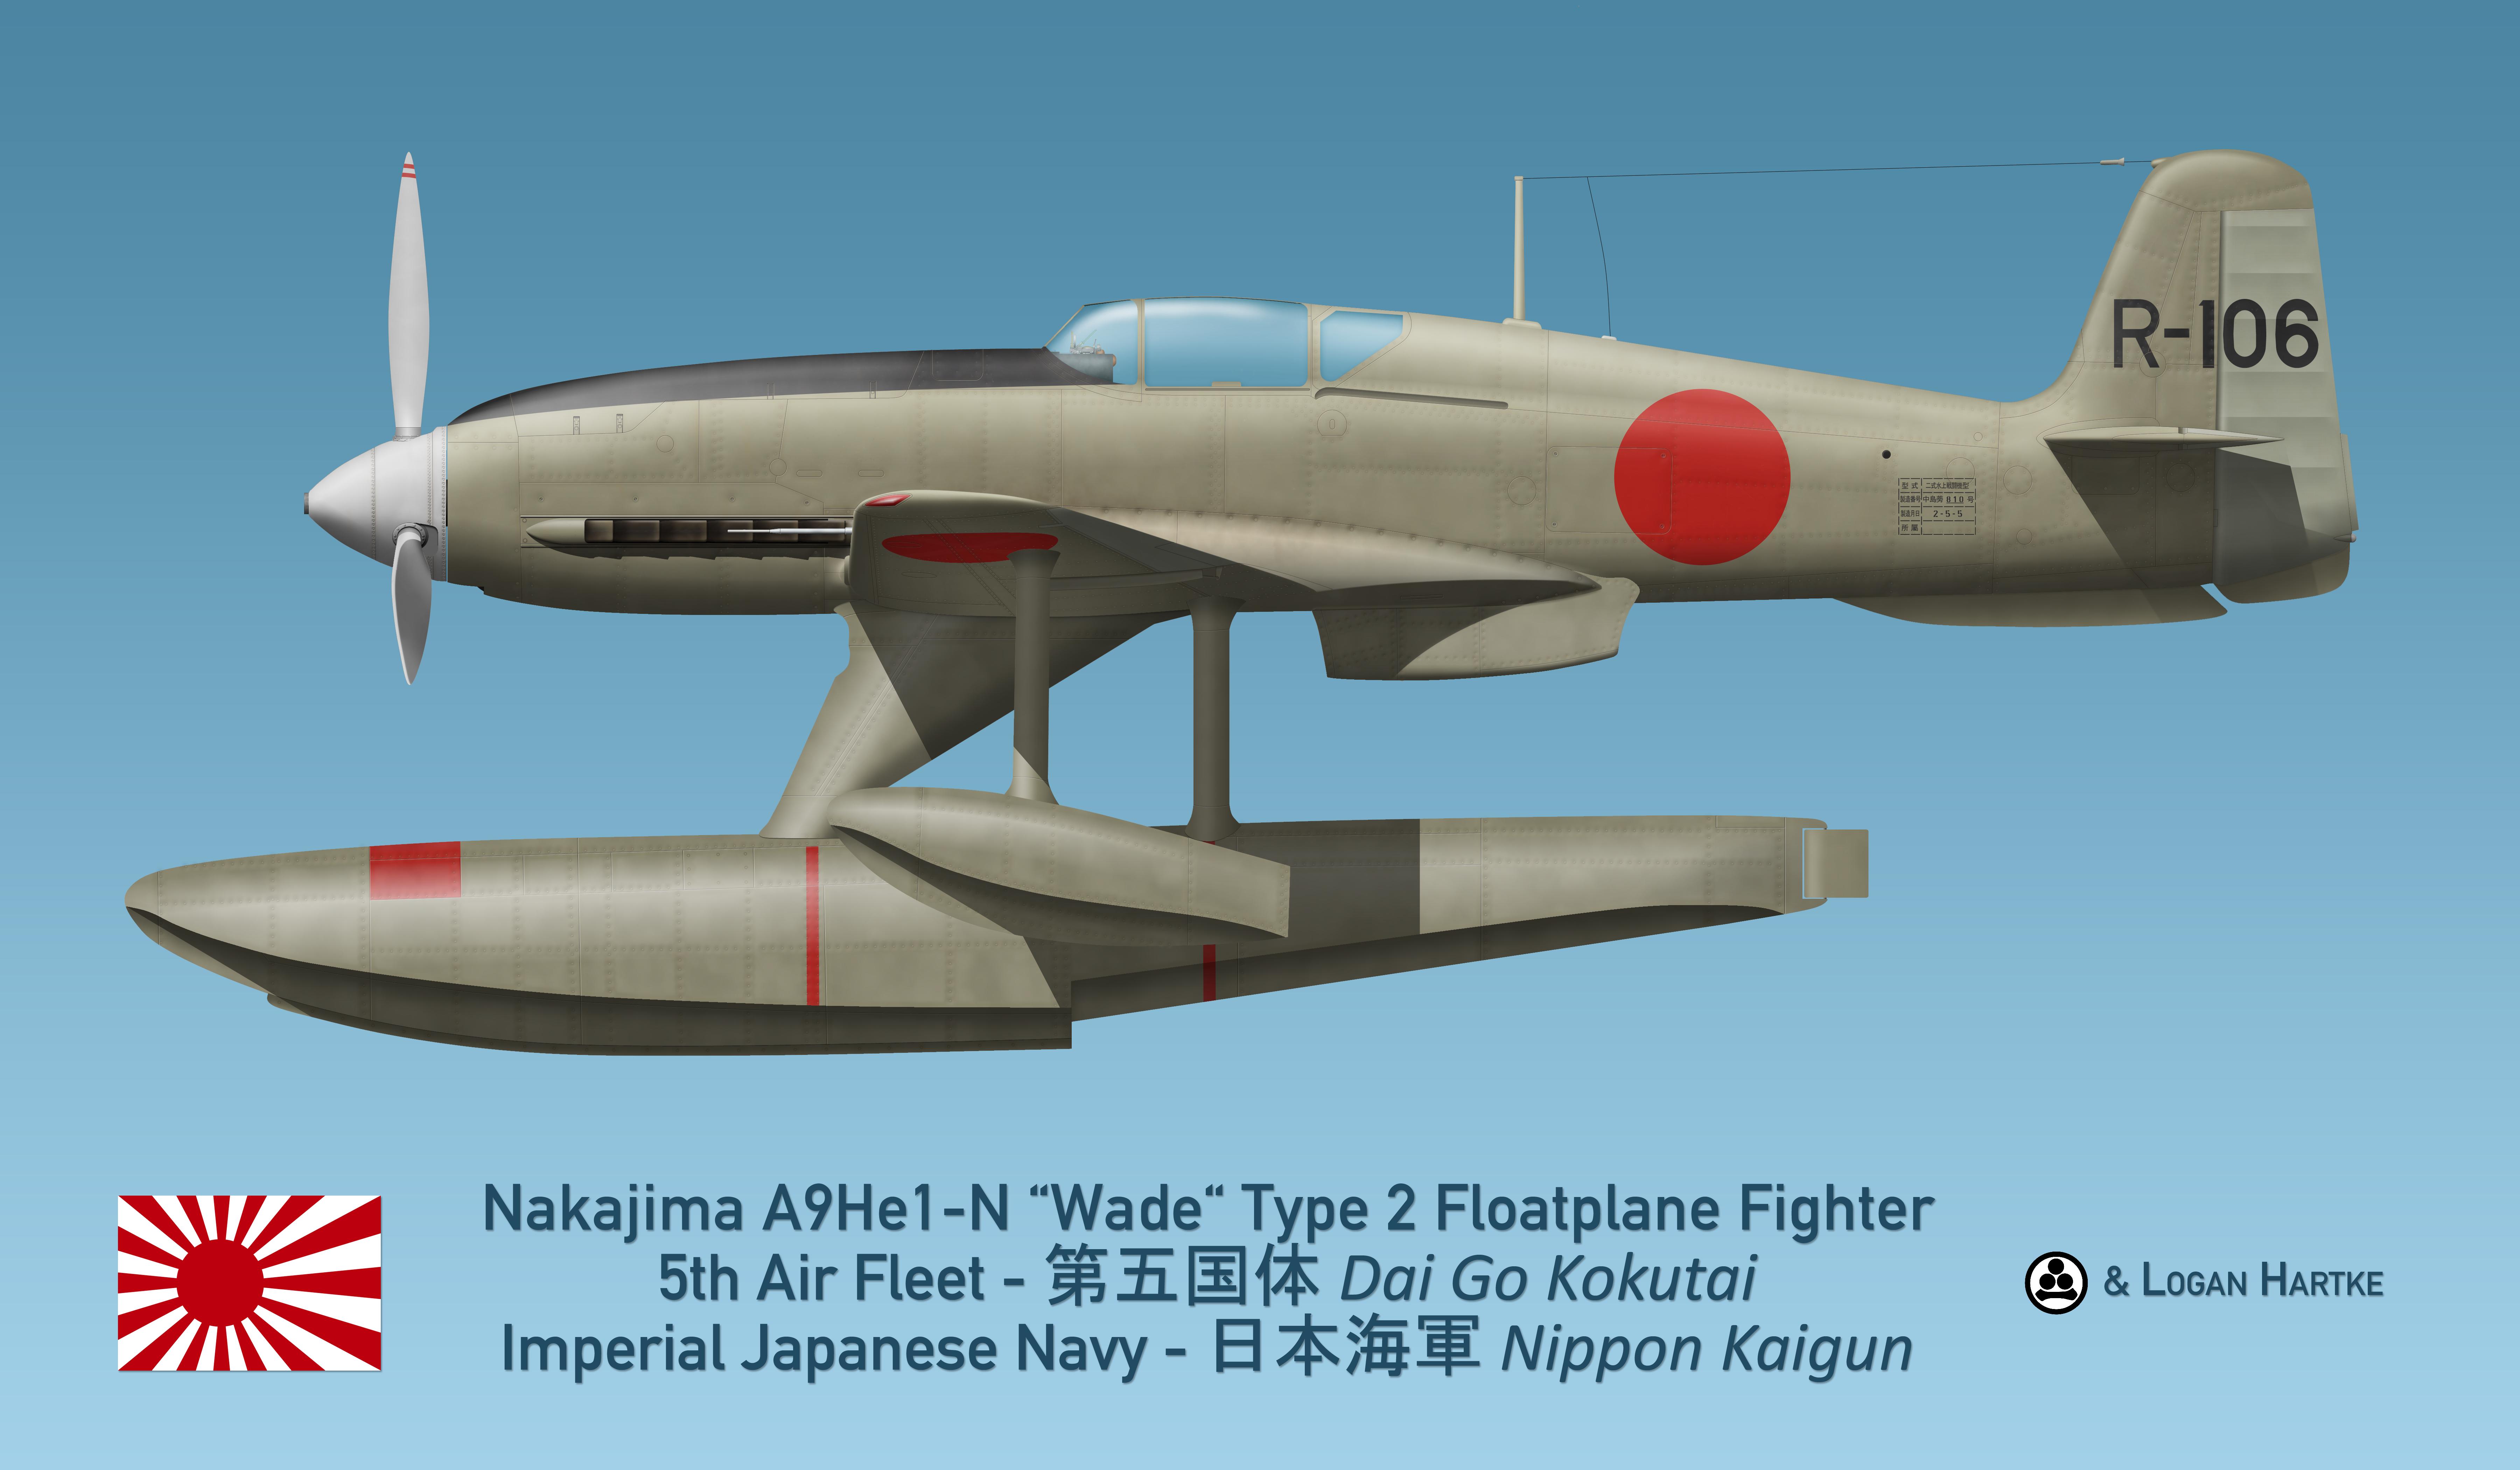 Nakajima A9He1-N Wade Type 2 Floatplane Fighter